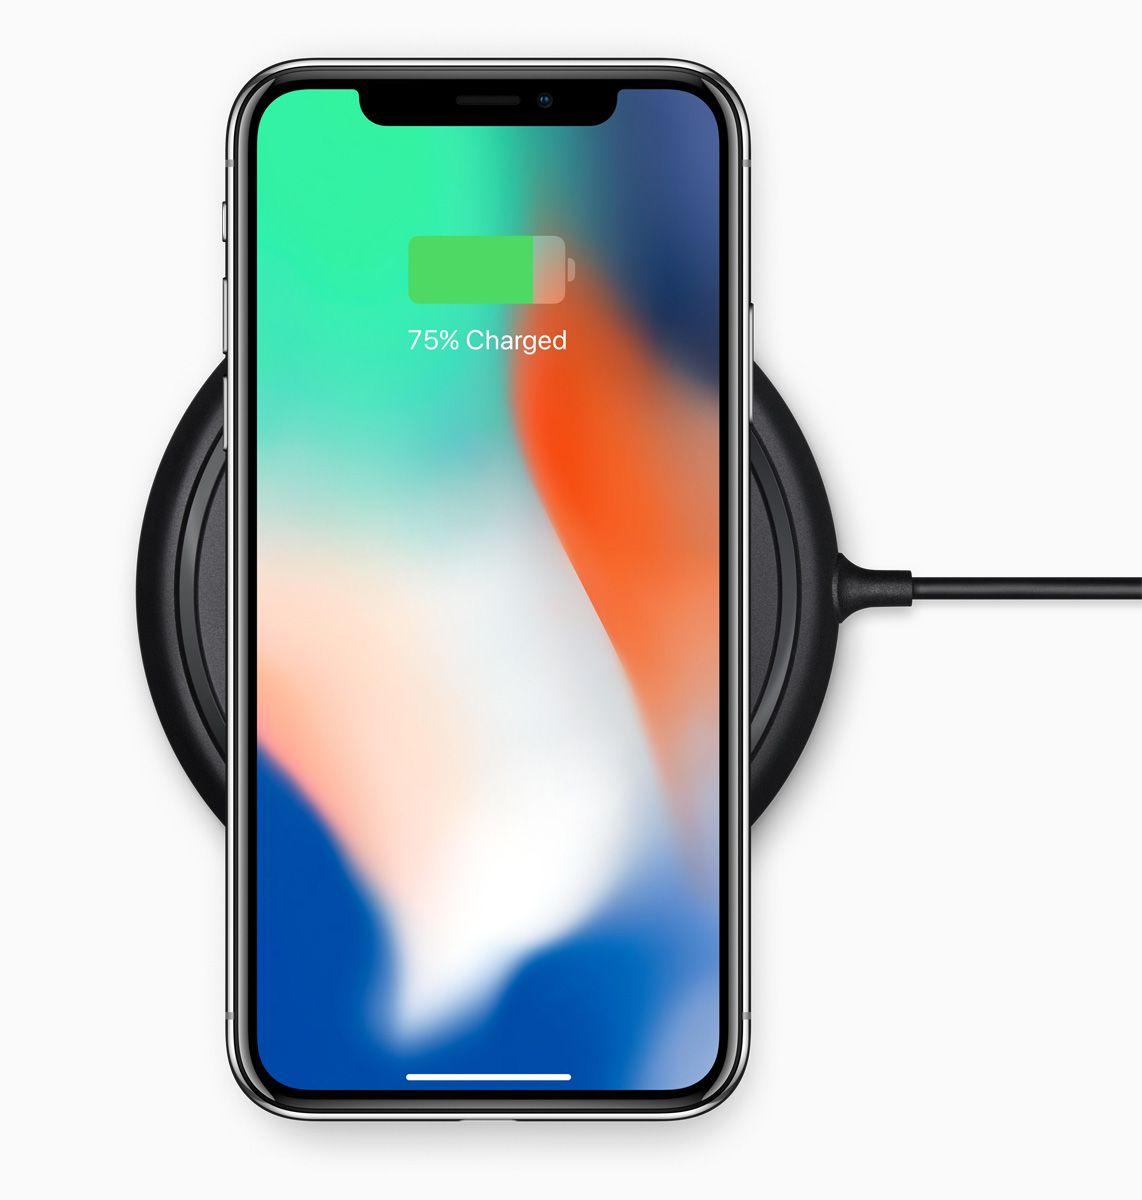 iphonex_charging_dock_front